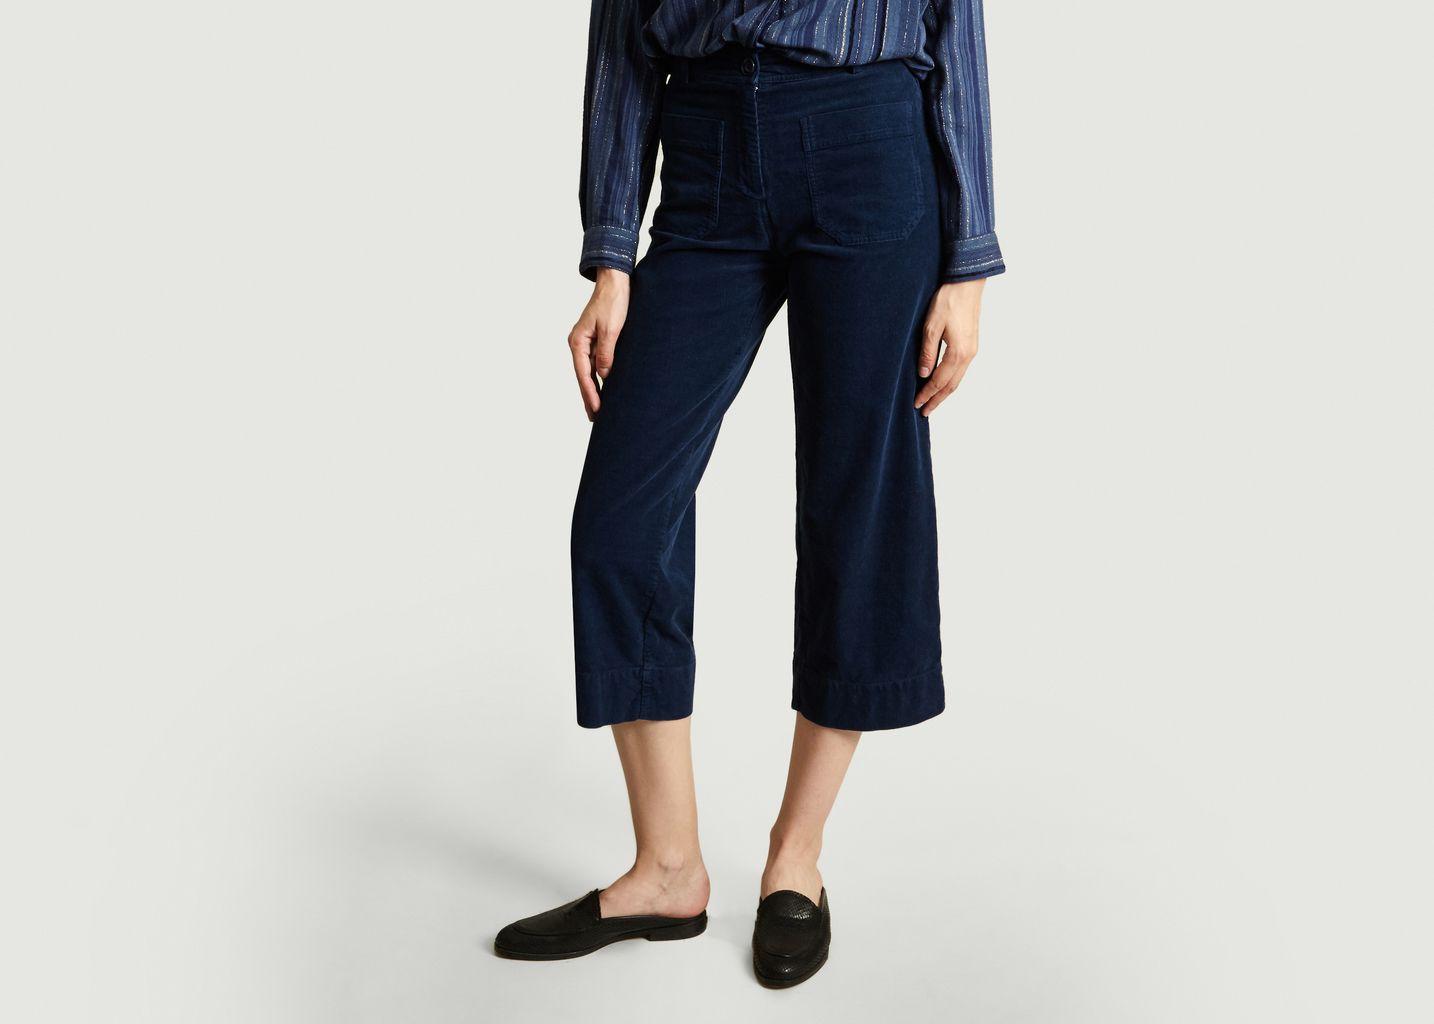 Pantalon Hudson - Sessun